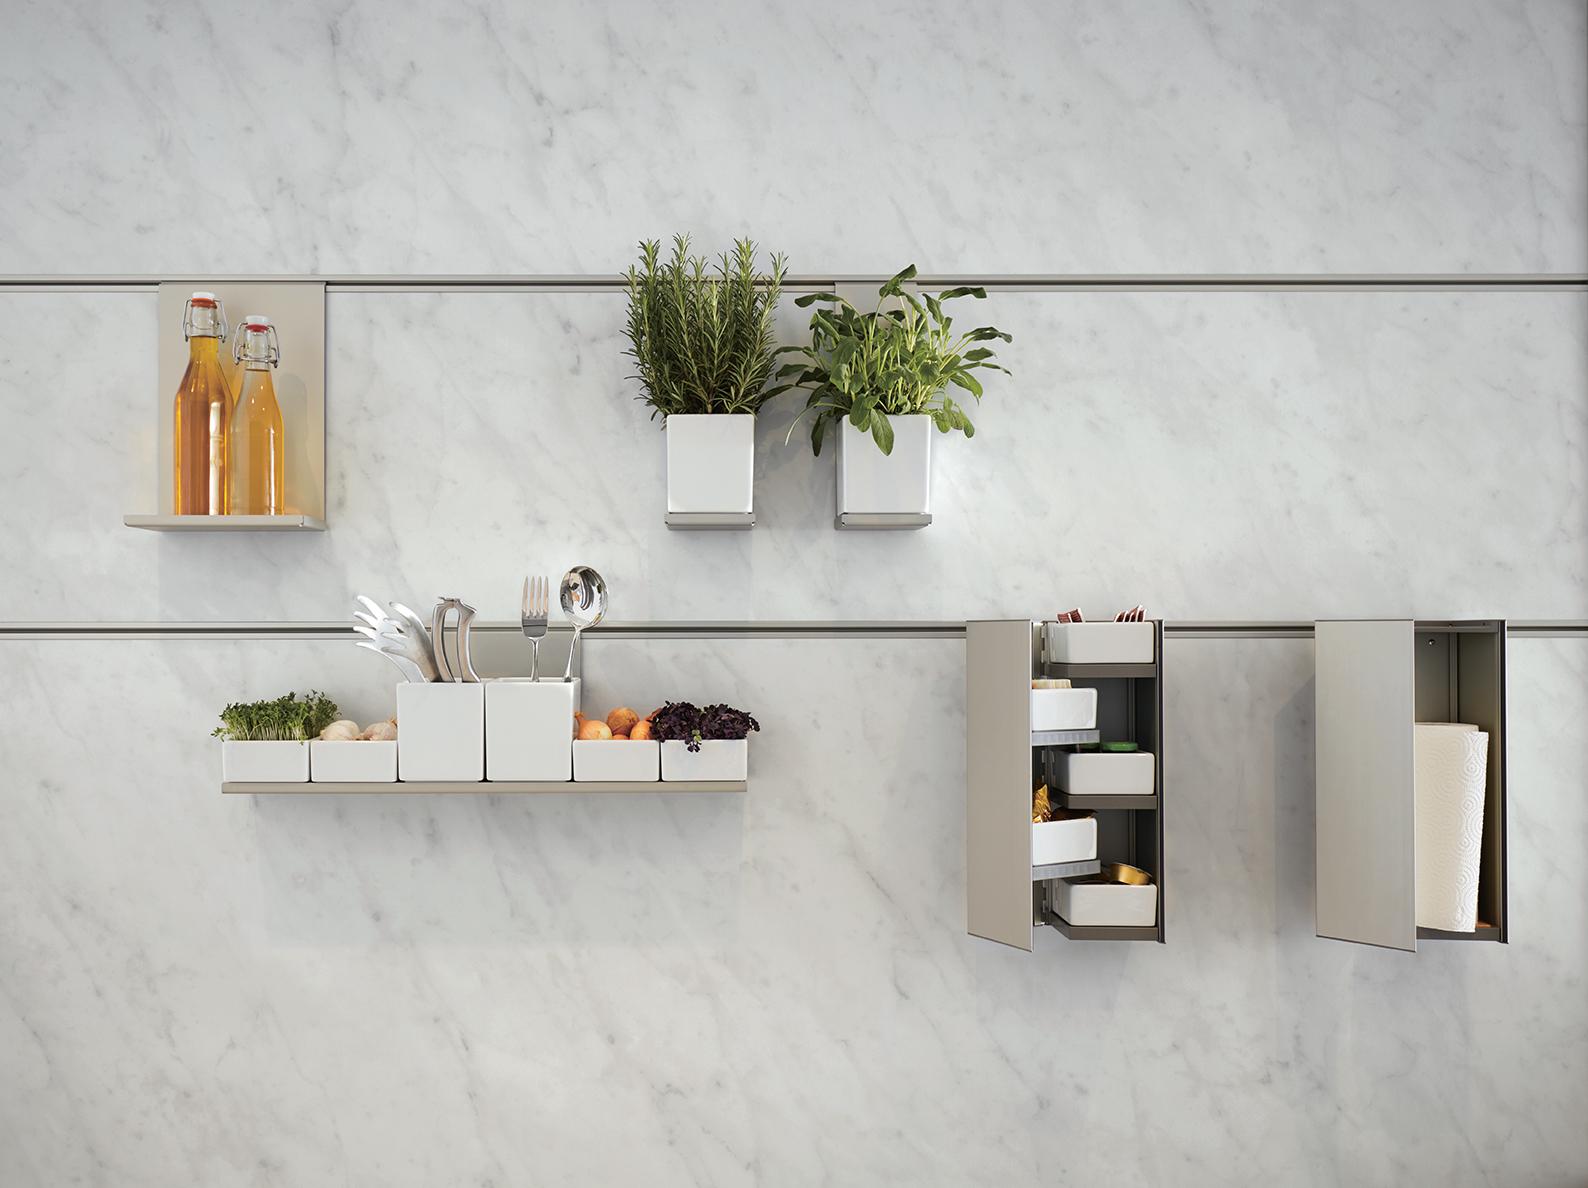 mur en marbre blanc pour cuisine moderne